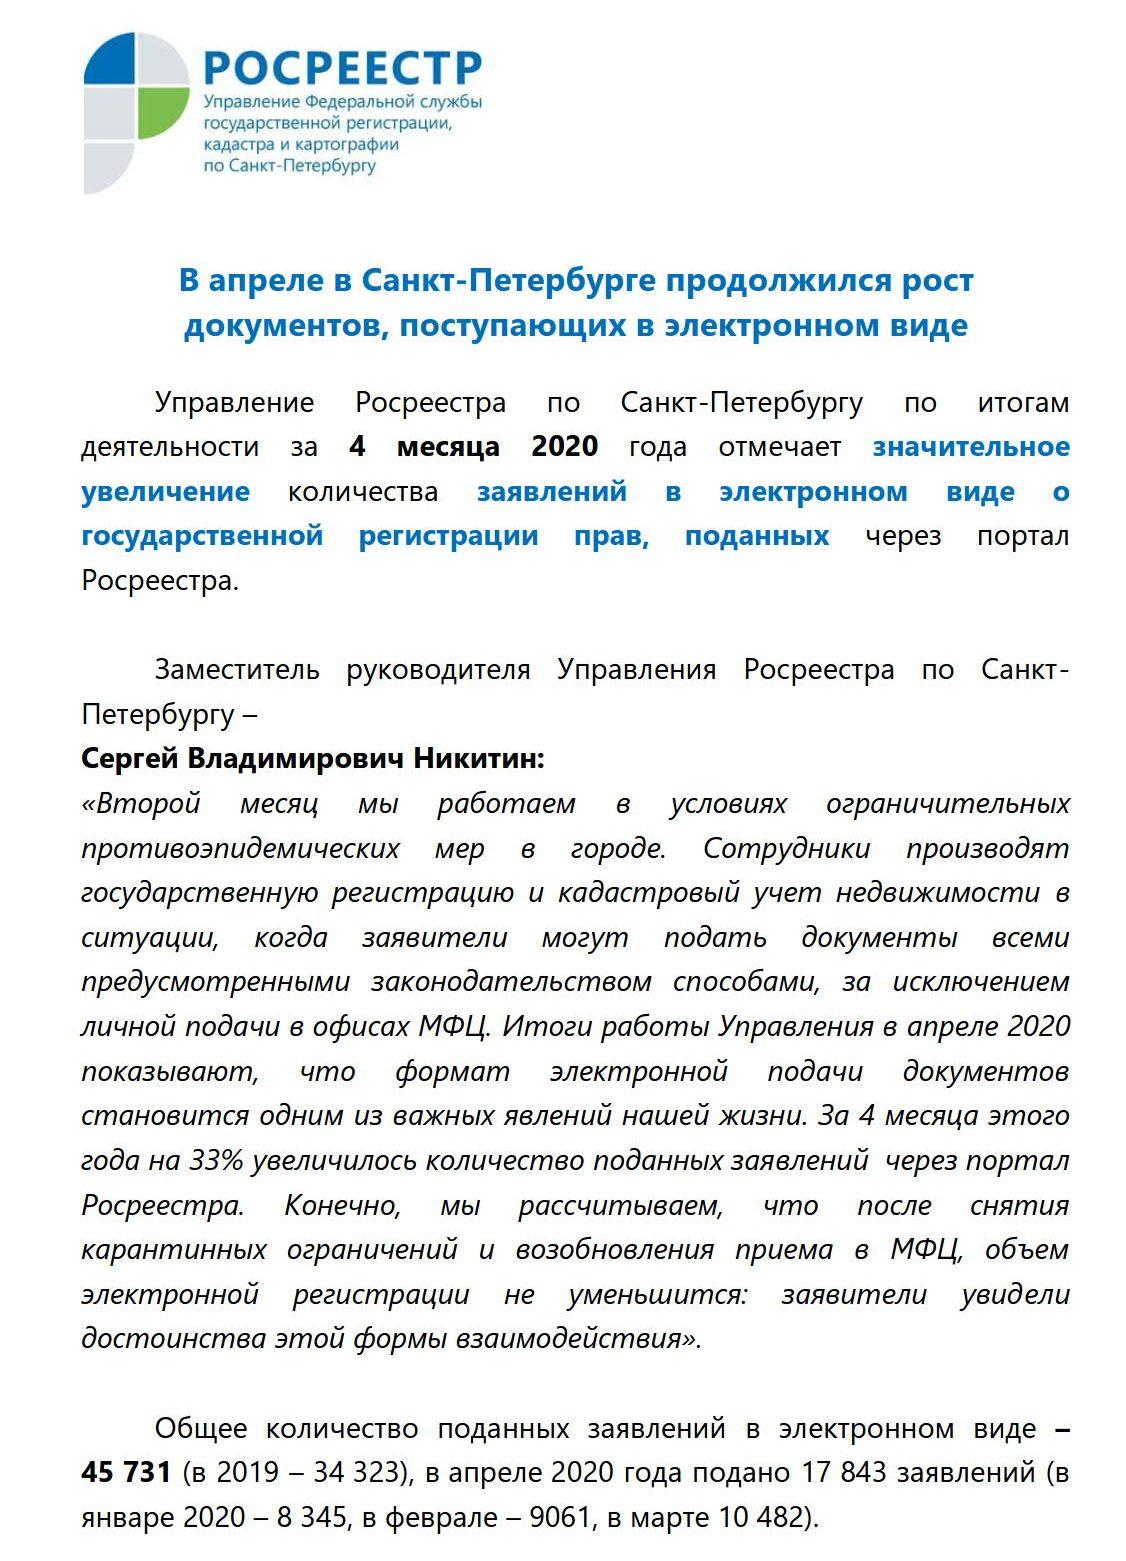 В апреле в Санкт-Петербурге продолжился рост документов, поступающих в электронном виде_1